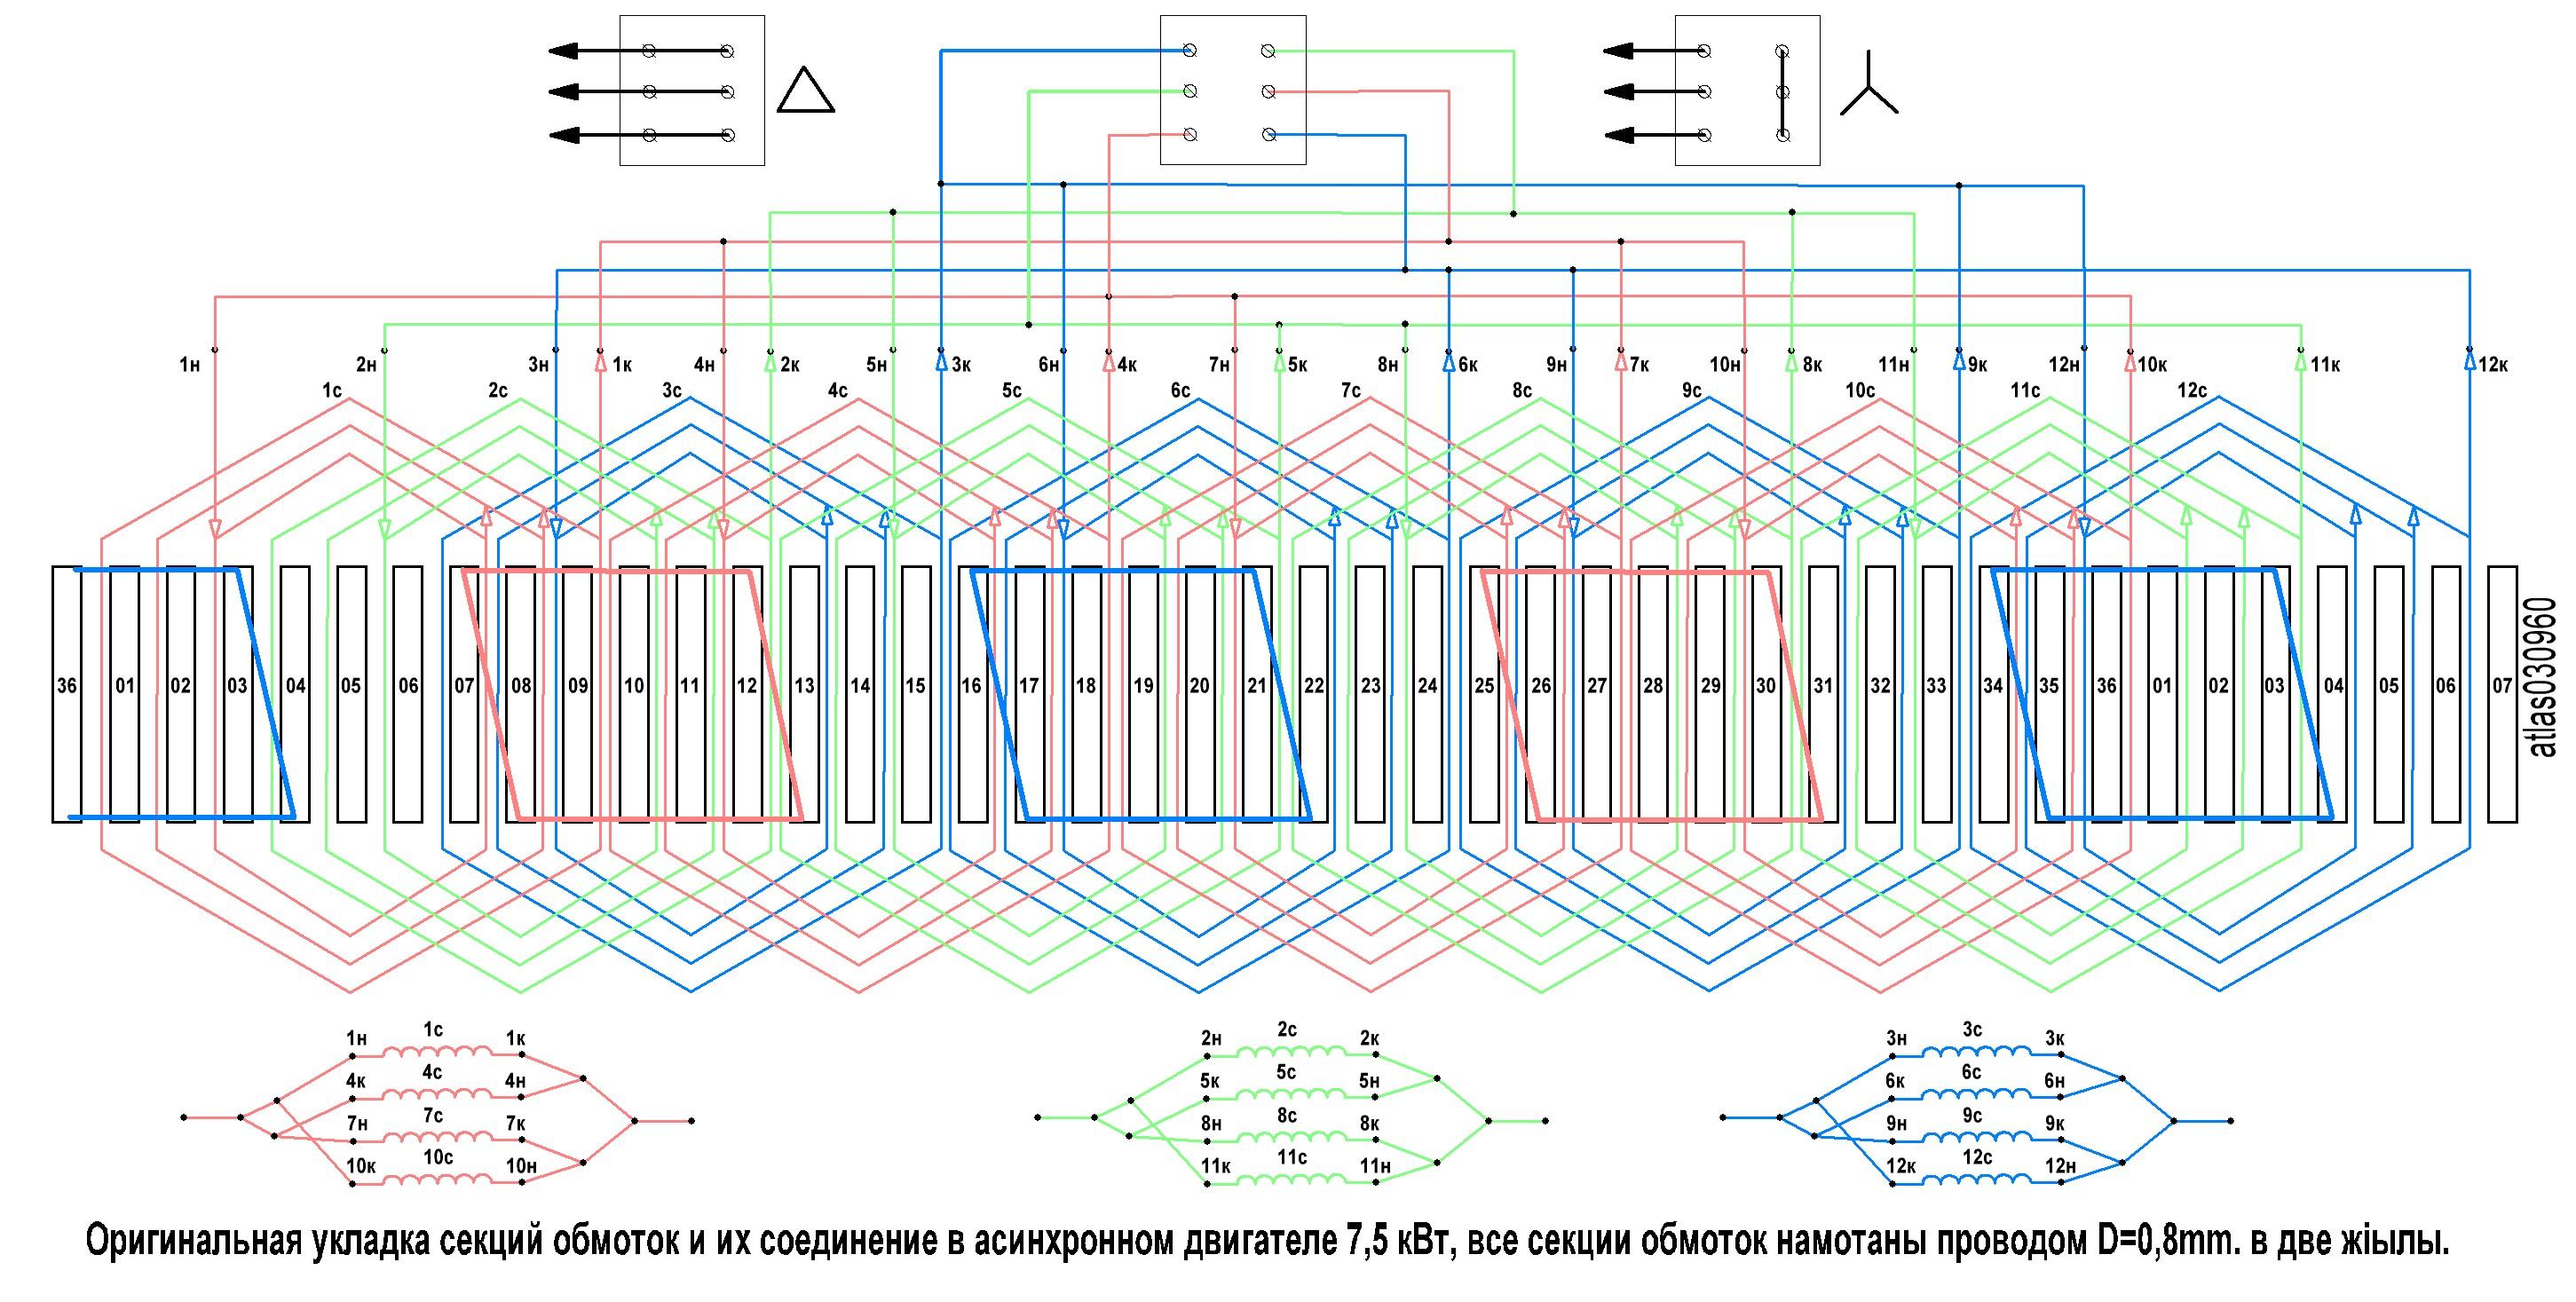 Схема соединения обмоток фазного ротора